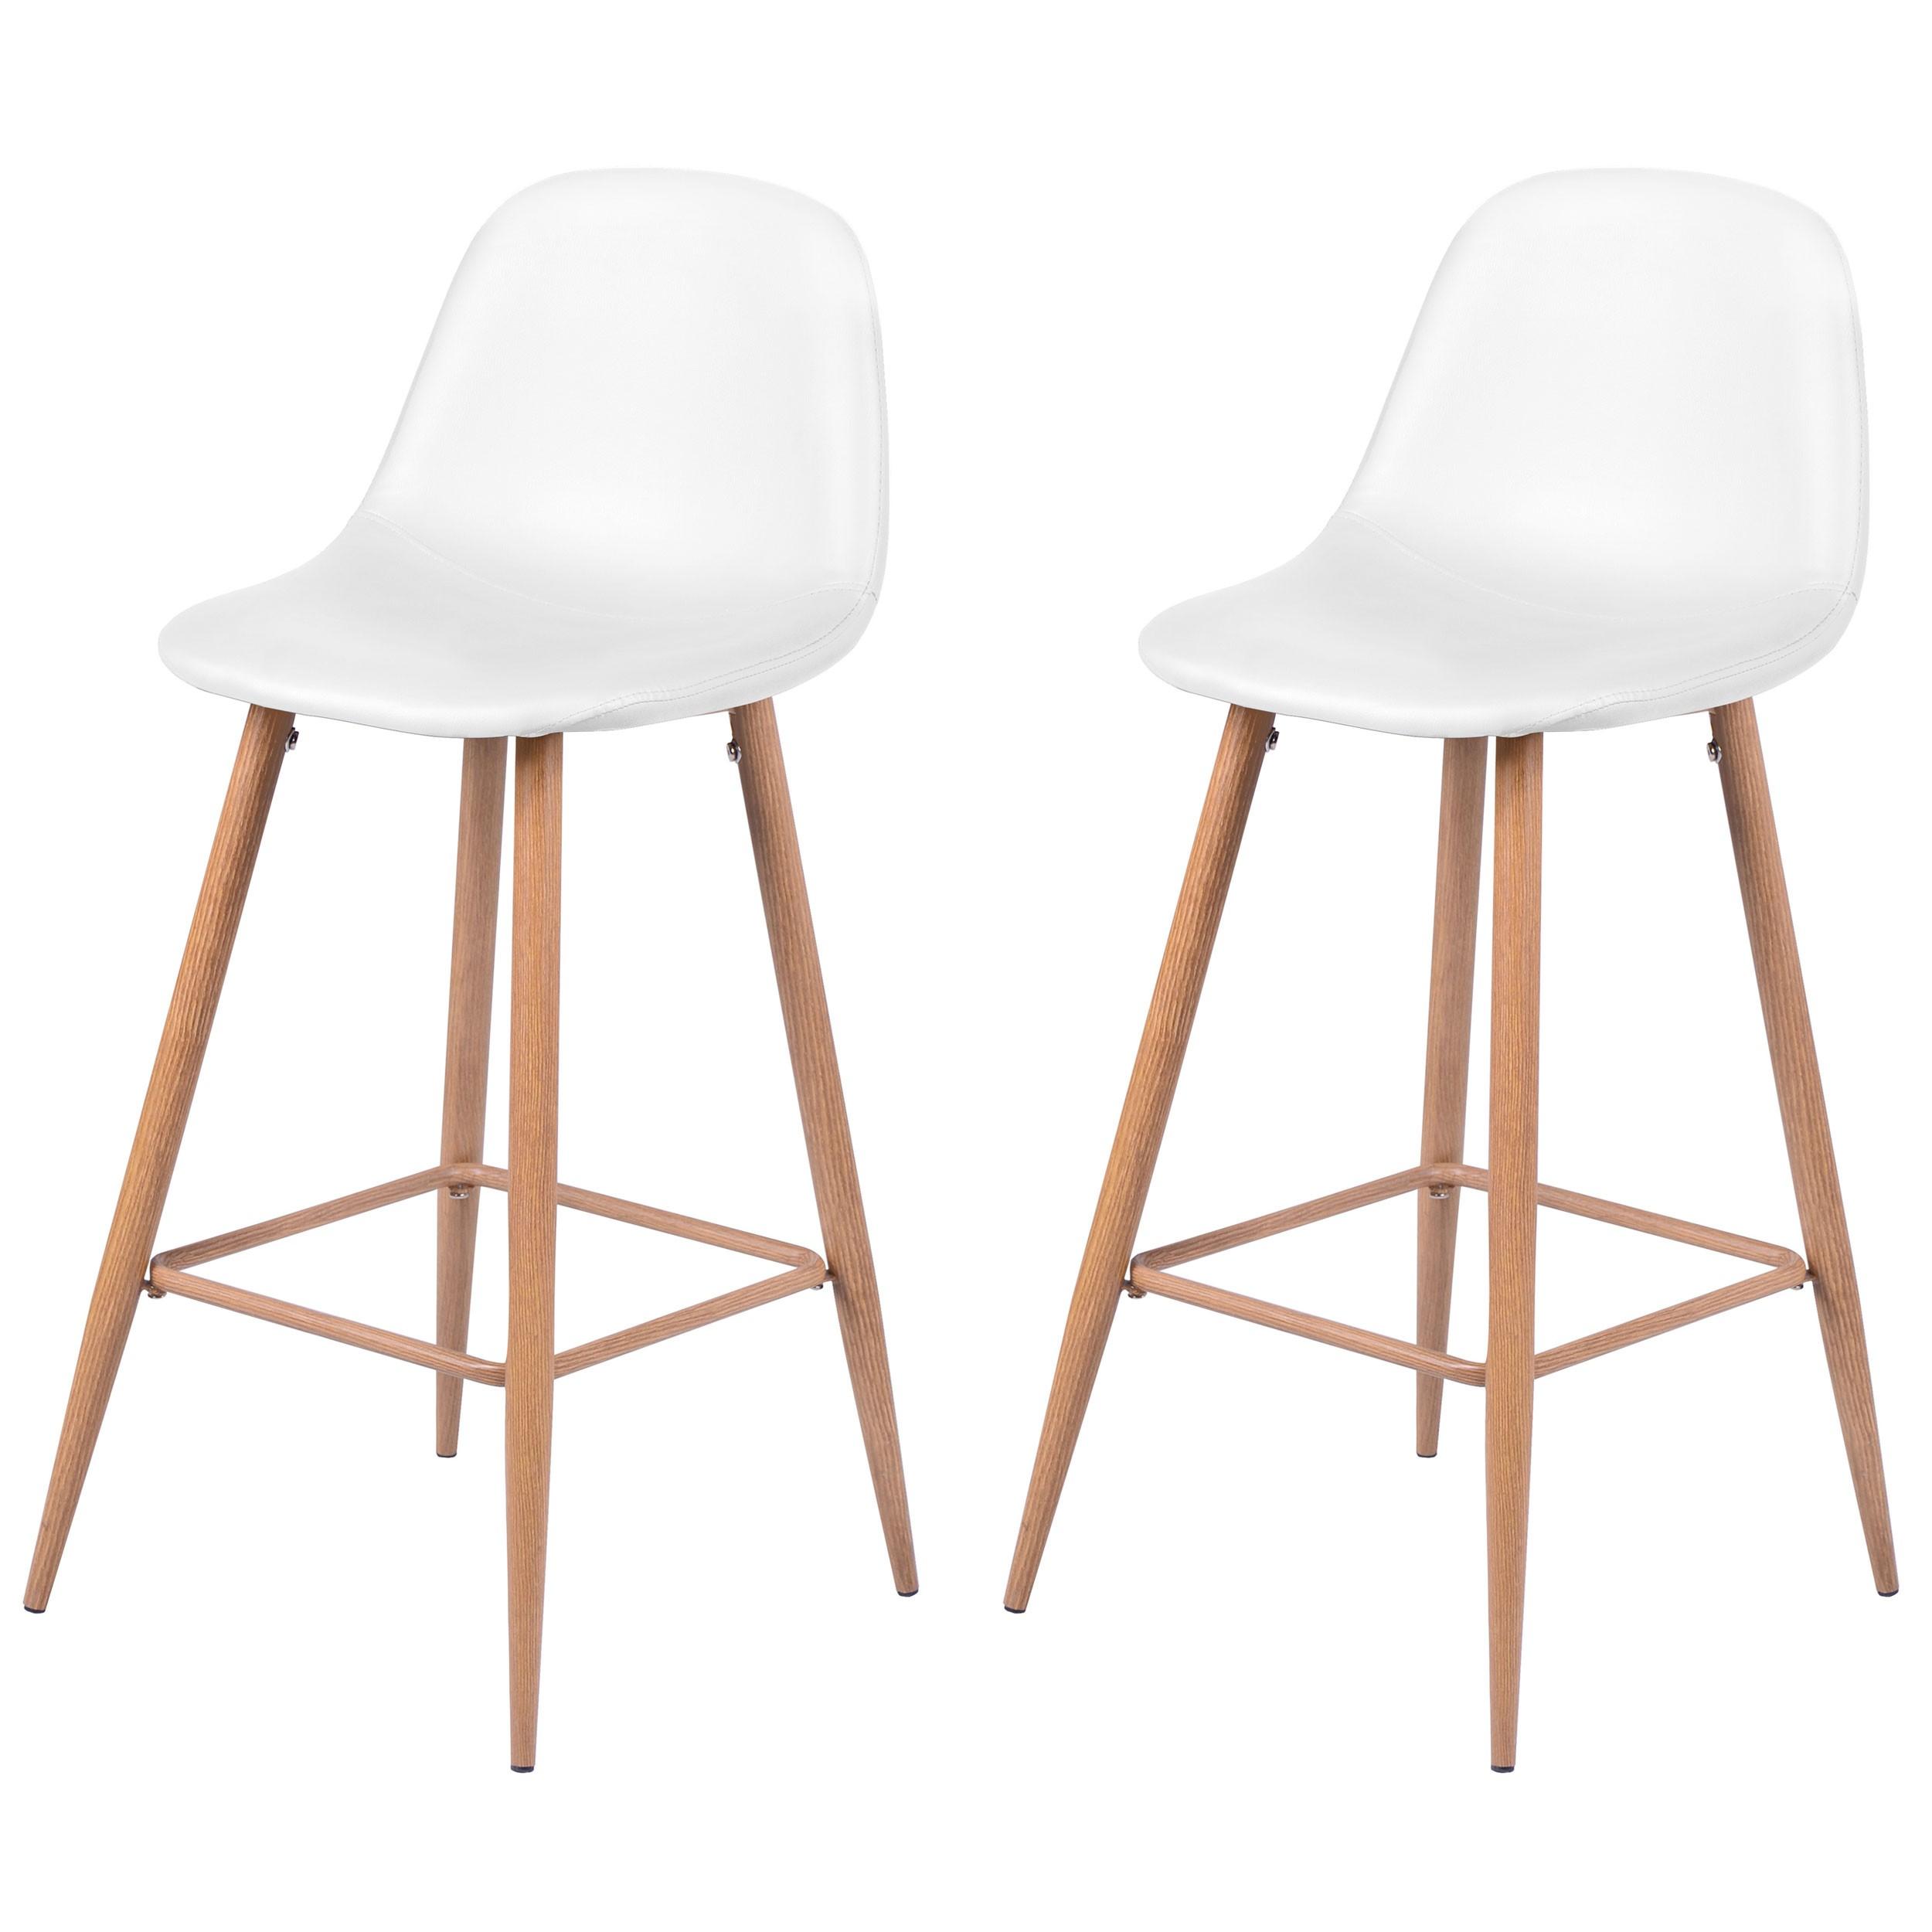 chaise de bar rodrik blanche lot de 2 adoptez nos chaises de bar rodrik blanches lot de 2. Black Bedroom Furniture Sets. Home Design Ideas